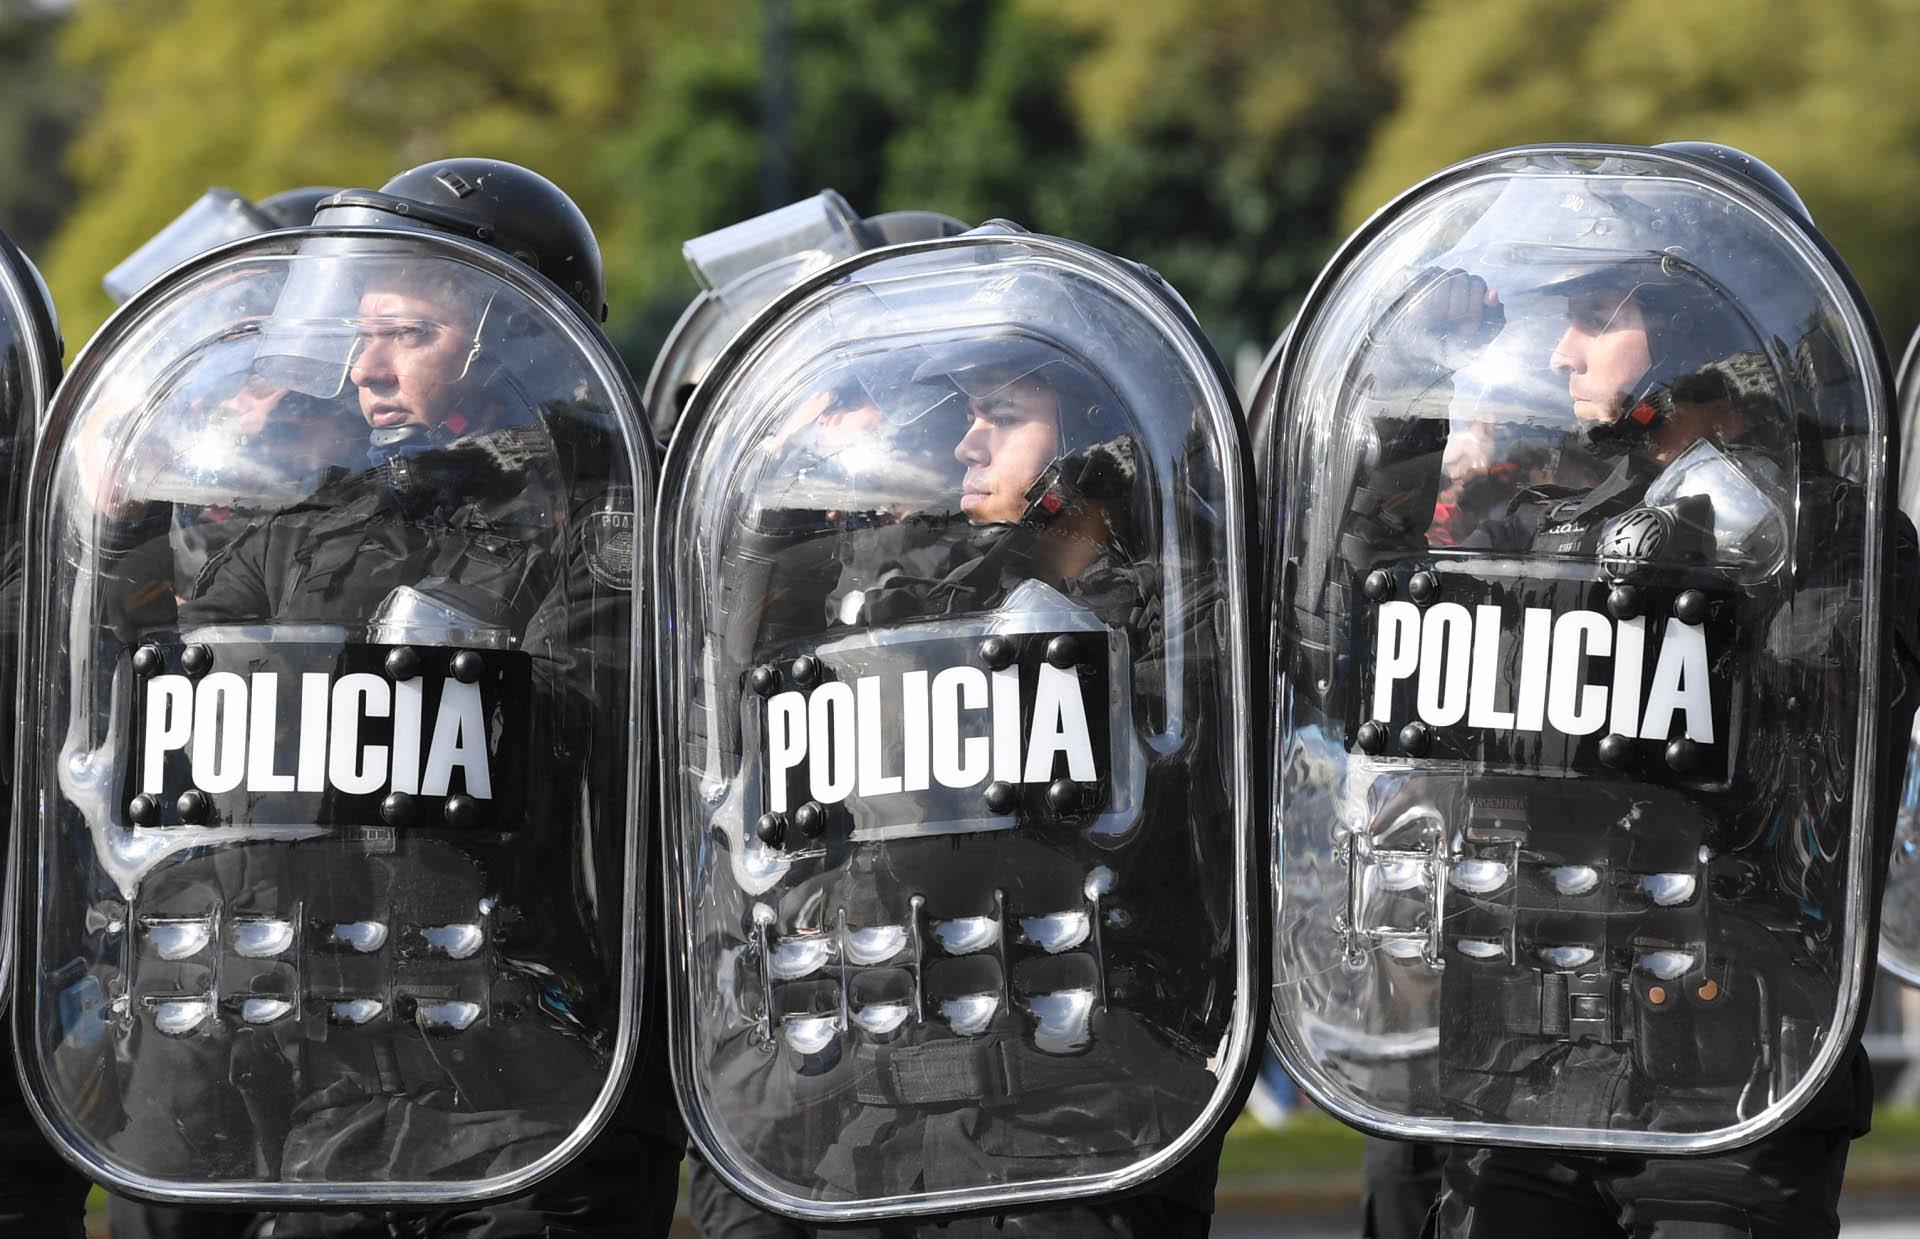 Efectivos de la Policía con sus uniformes y escudos